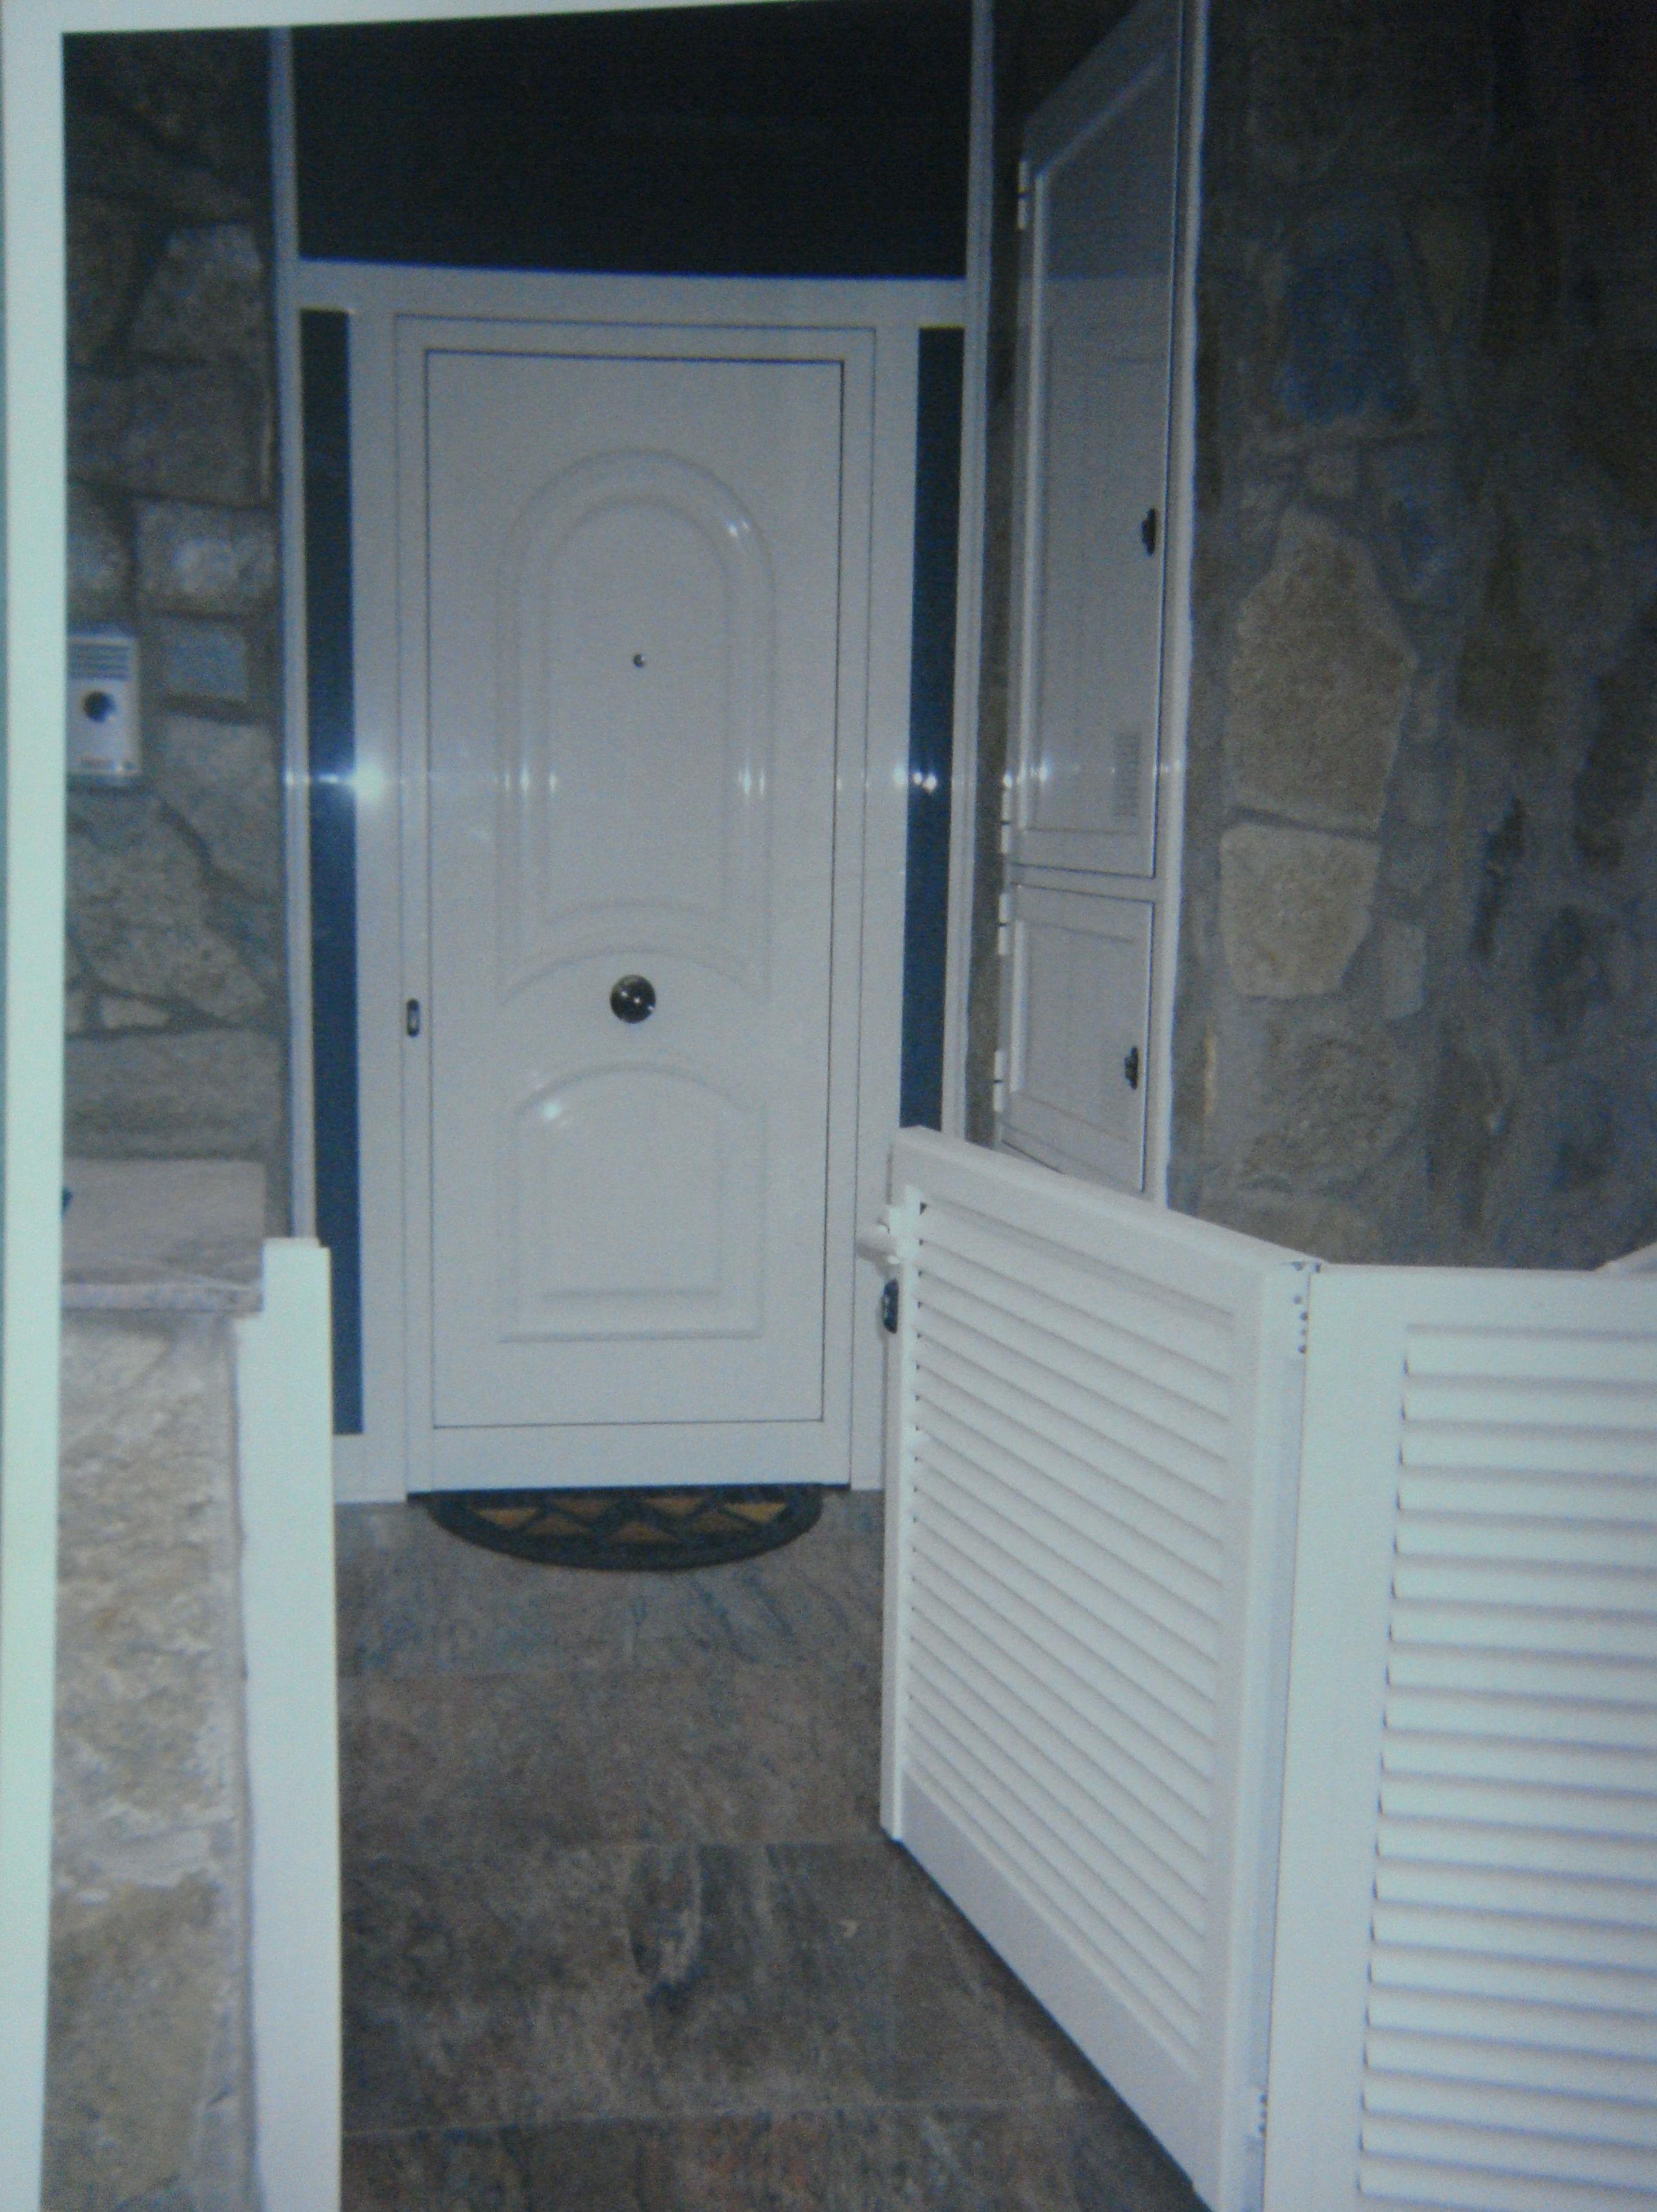 Instalación de puertas de aluminio en diferentes espacios de la vivienda